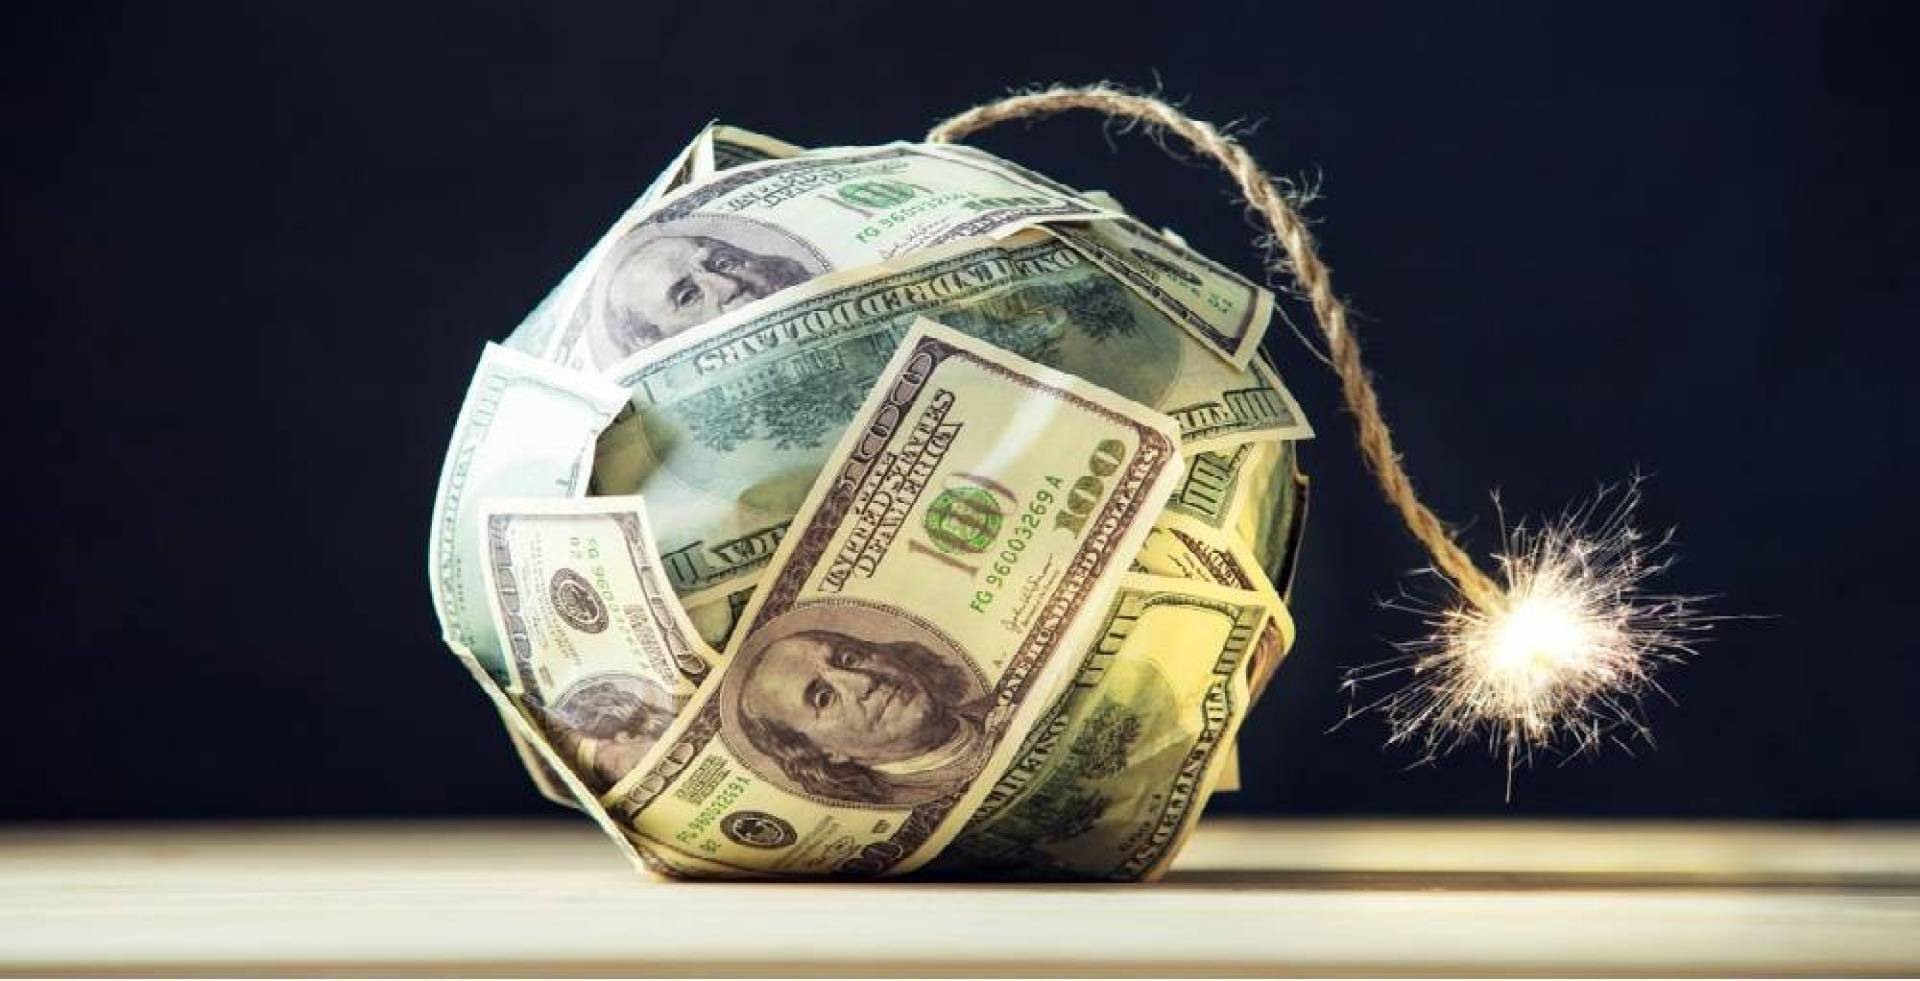 الديون العالمية: قنبلة موقوتة تهدد اقتصاد العديد من الدول في ظل كورونا